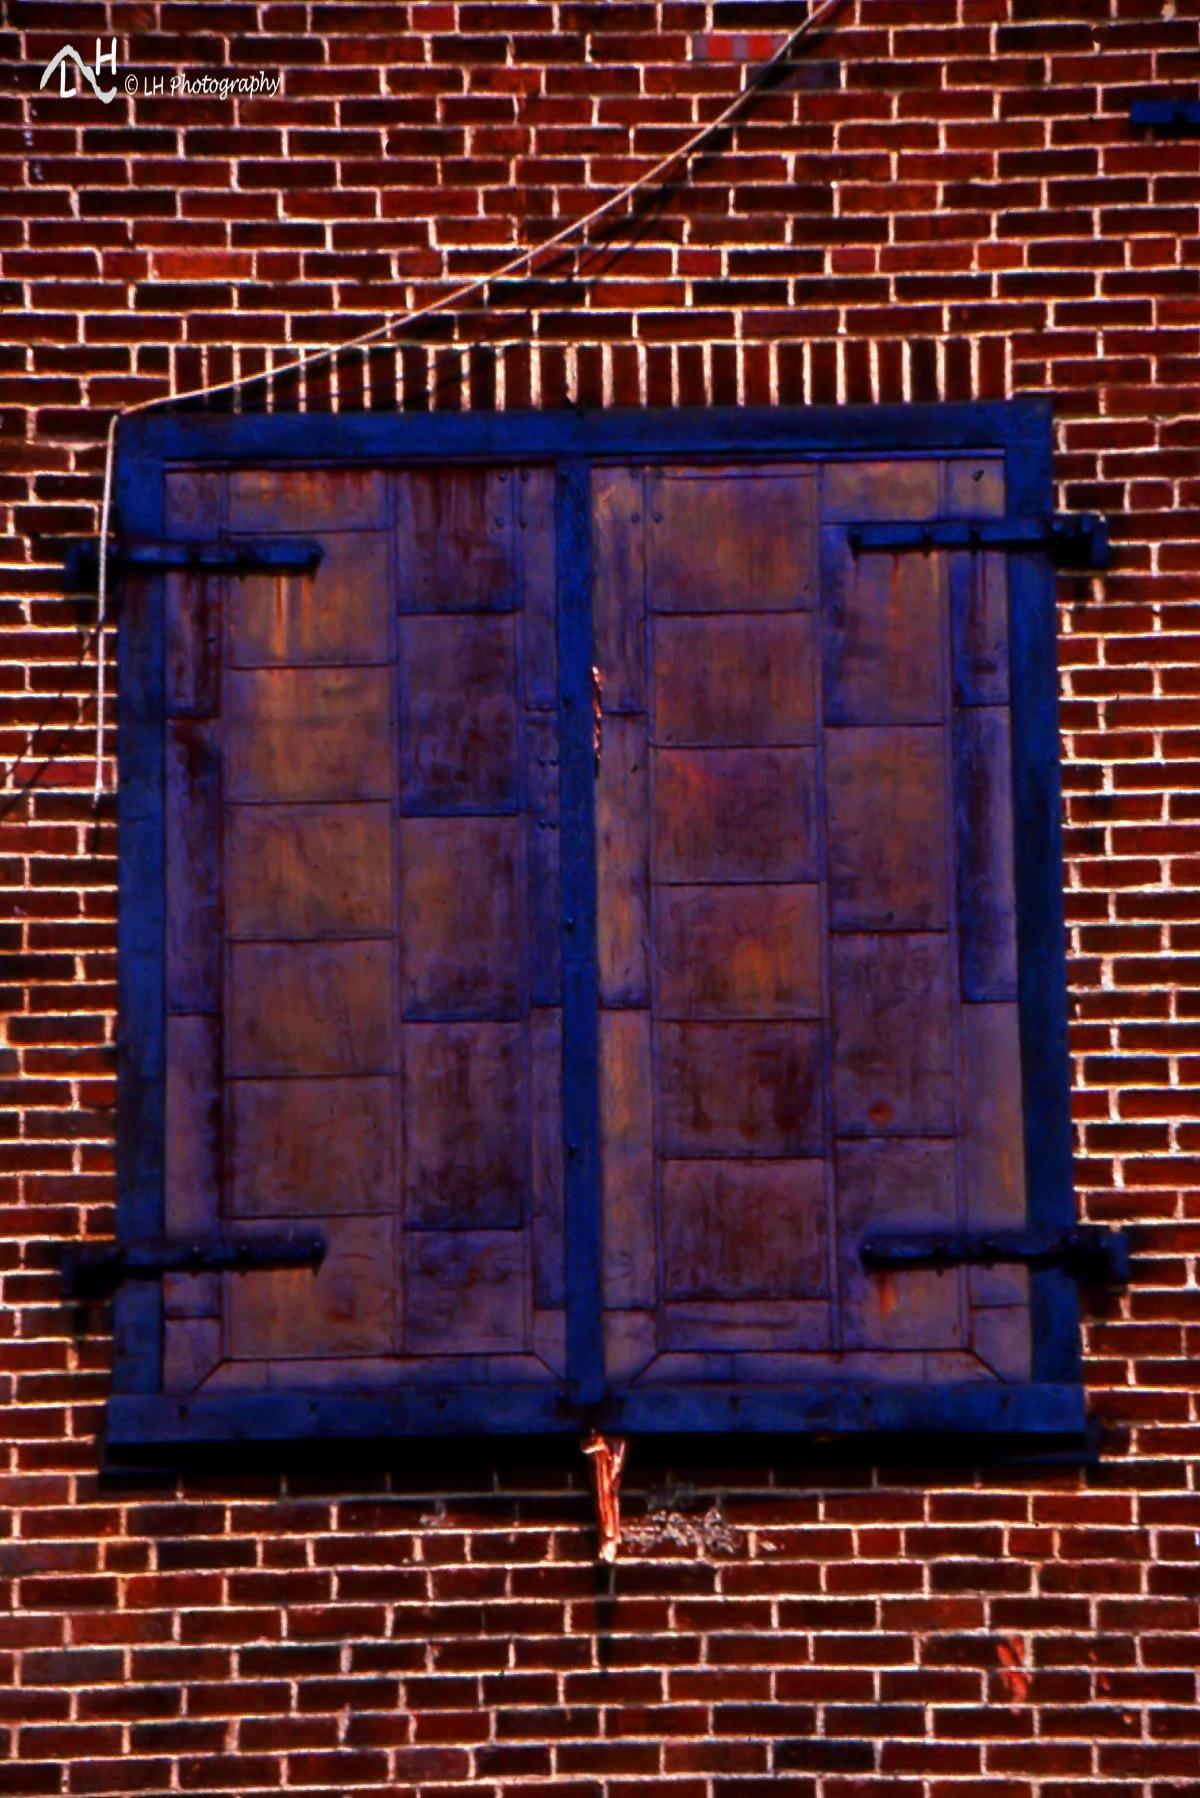 Rusty doors by Laurie Heupel